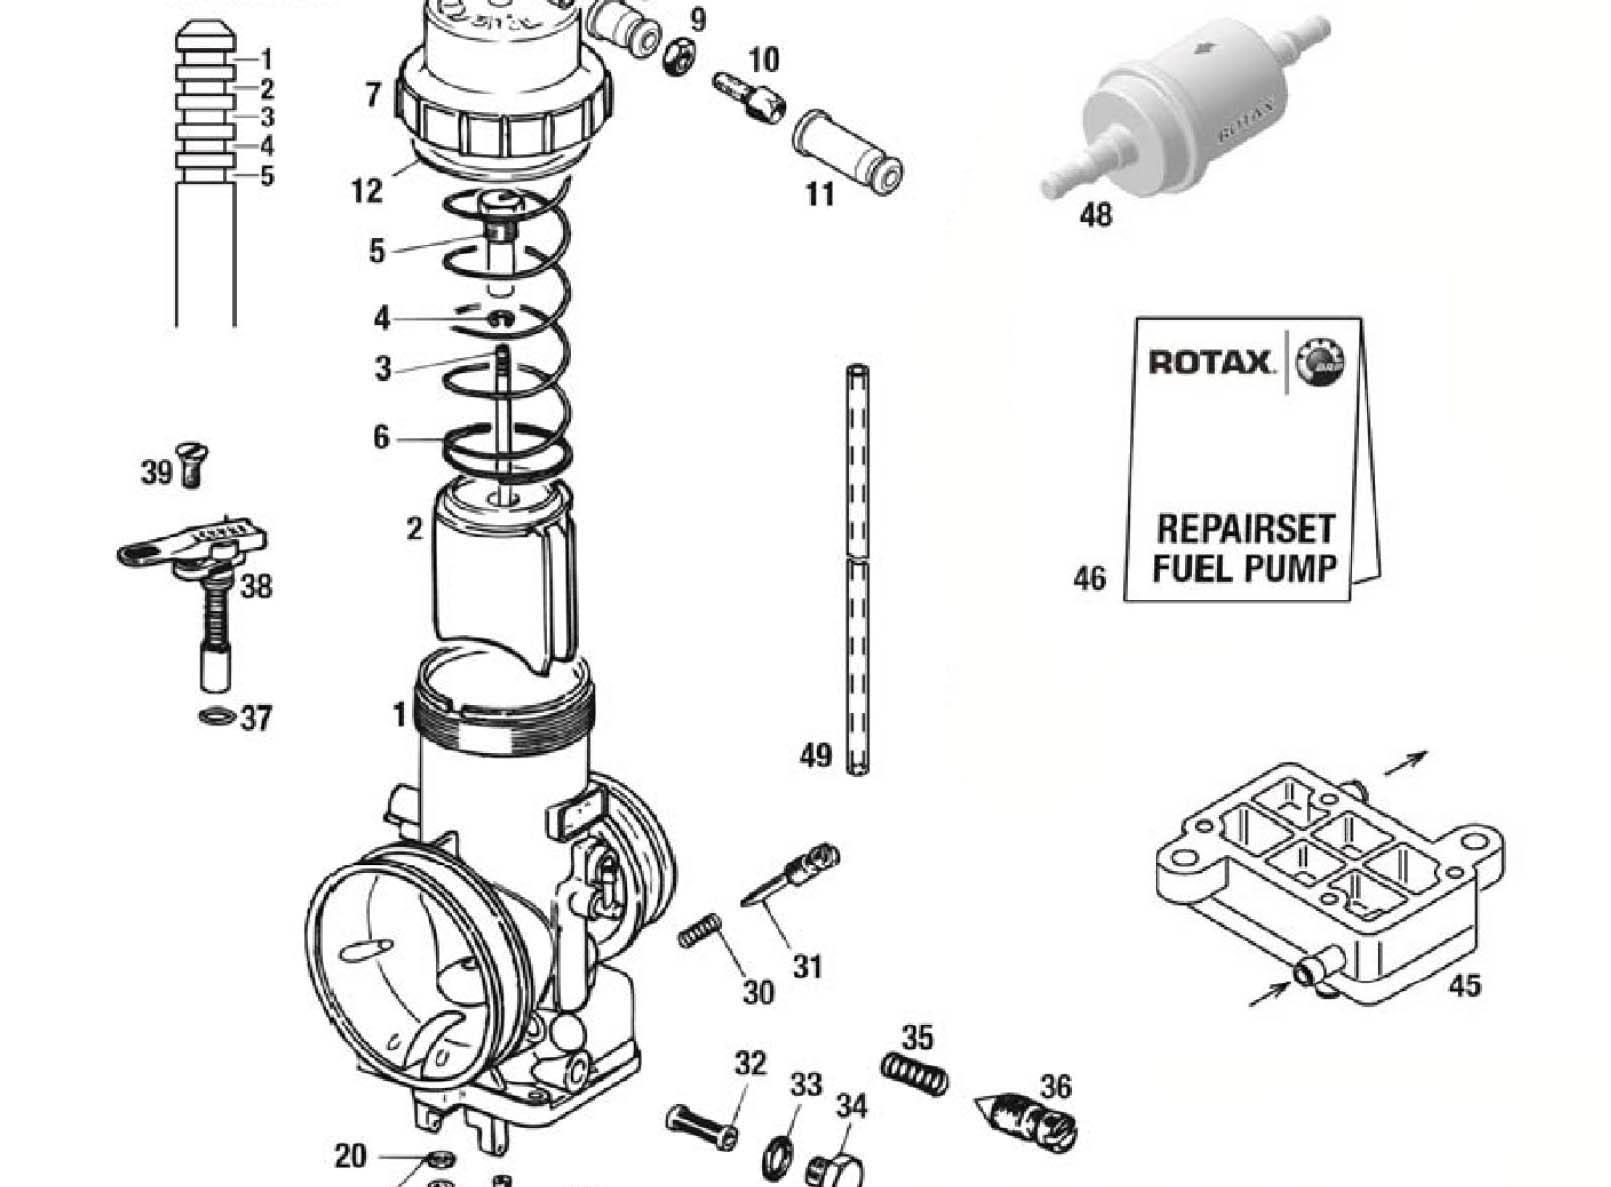 Carburetor Boutique Psl Karting